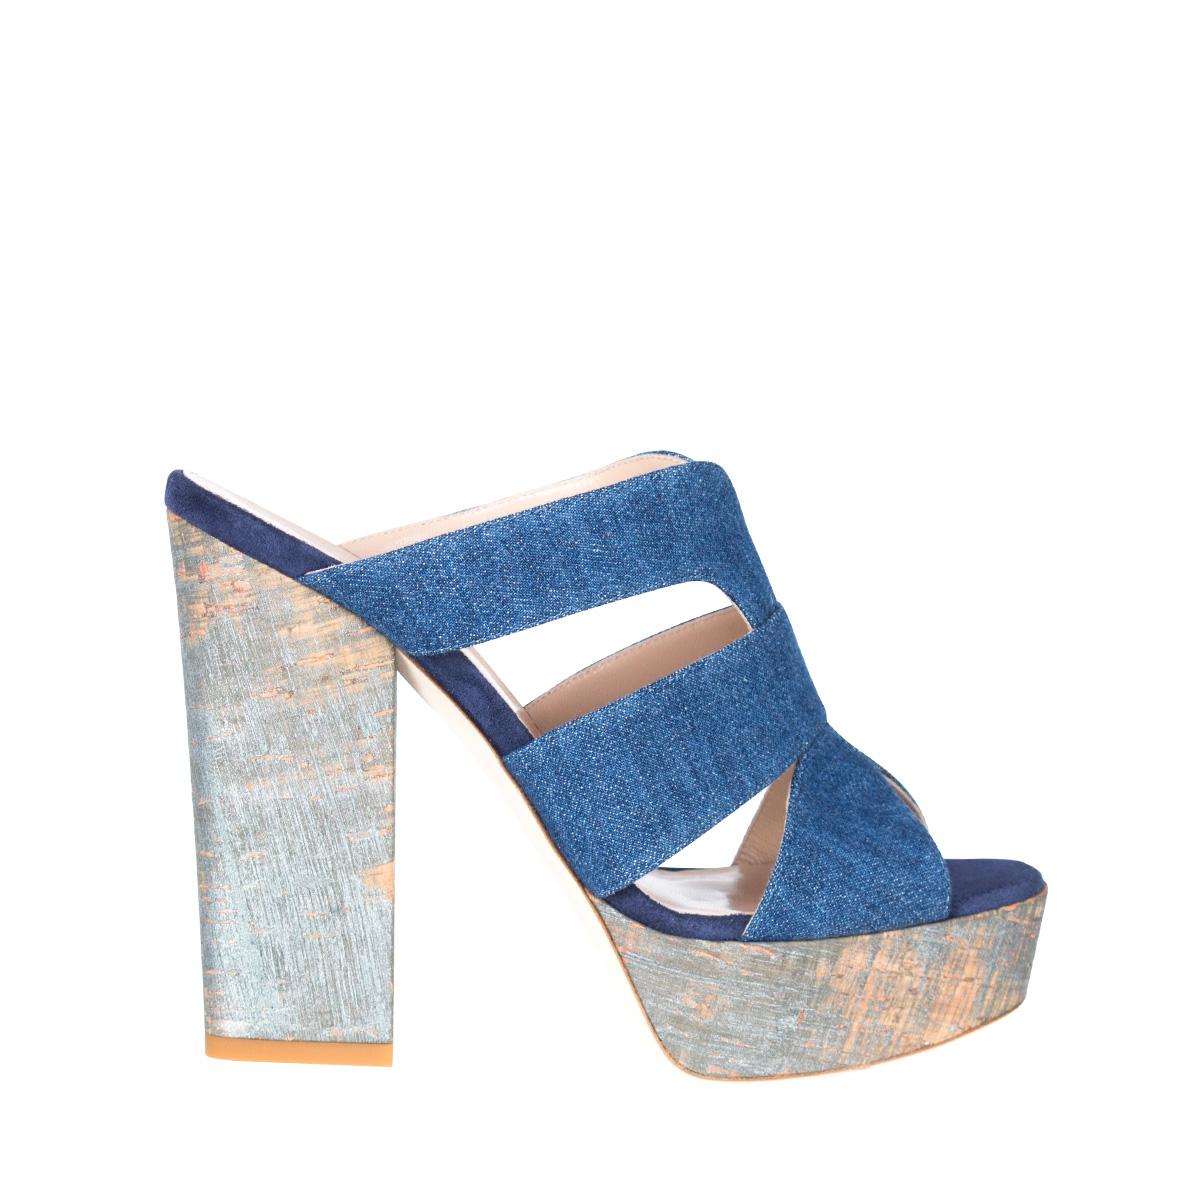 Lella Baldi - Nami jeans